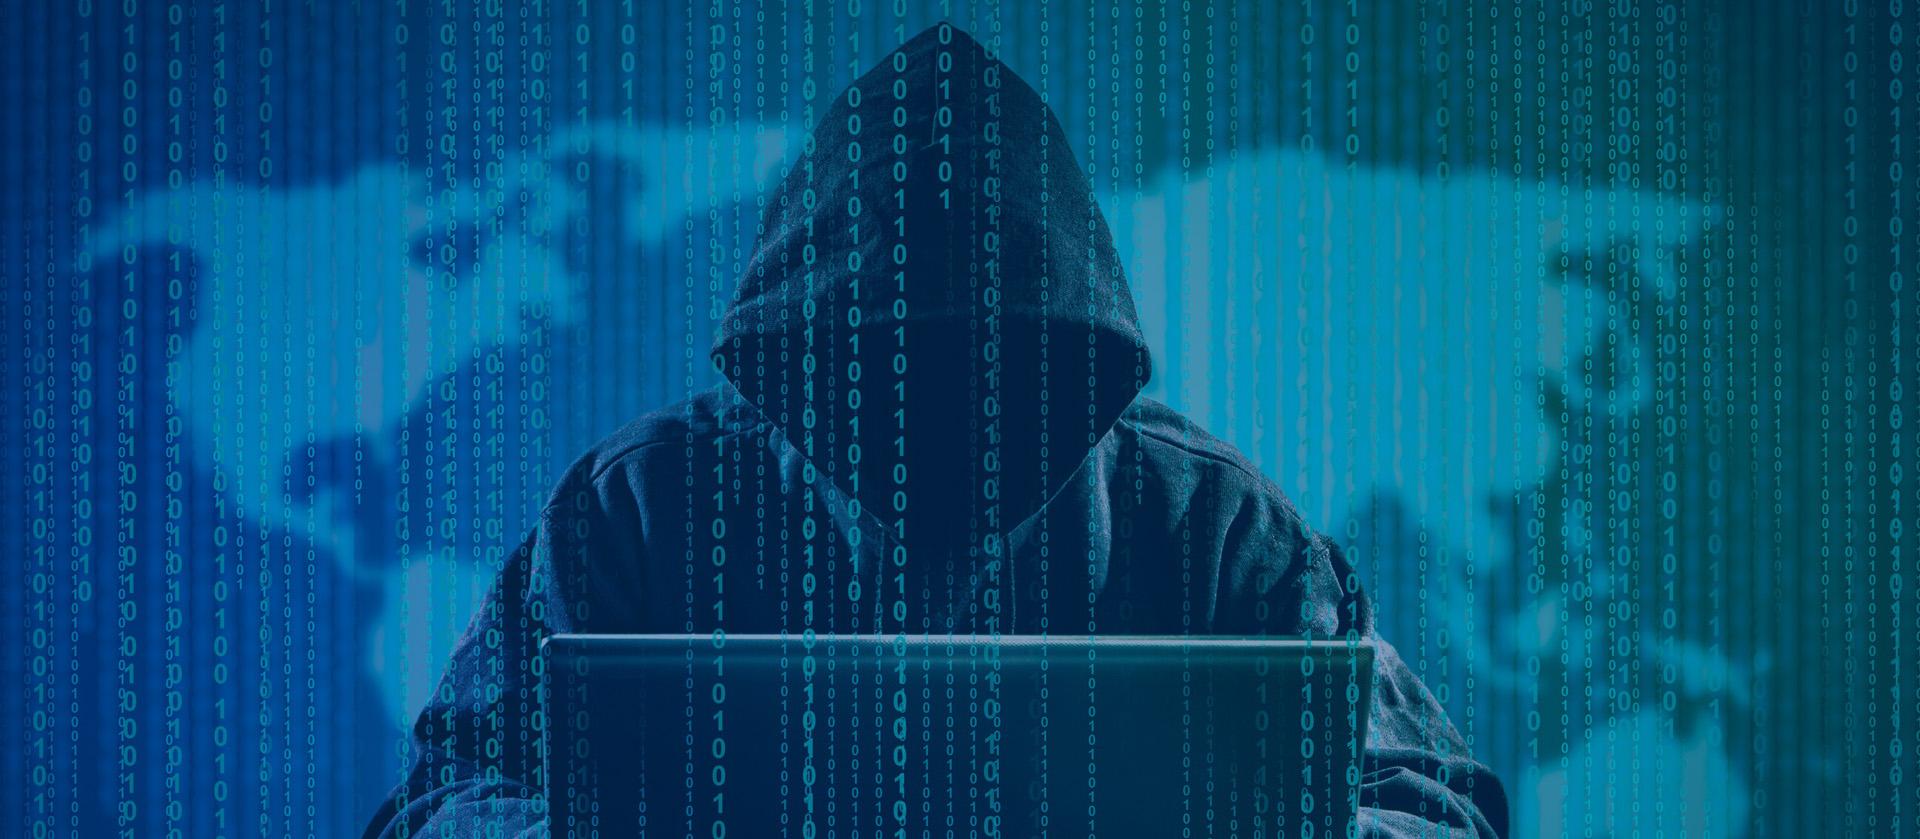 Los hackers no entienden de fronteras